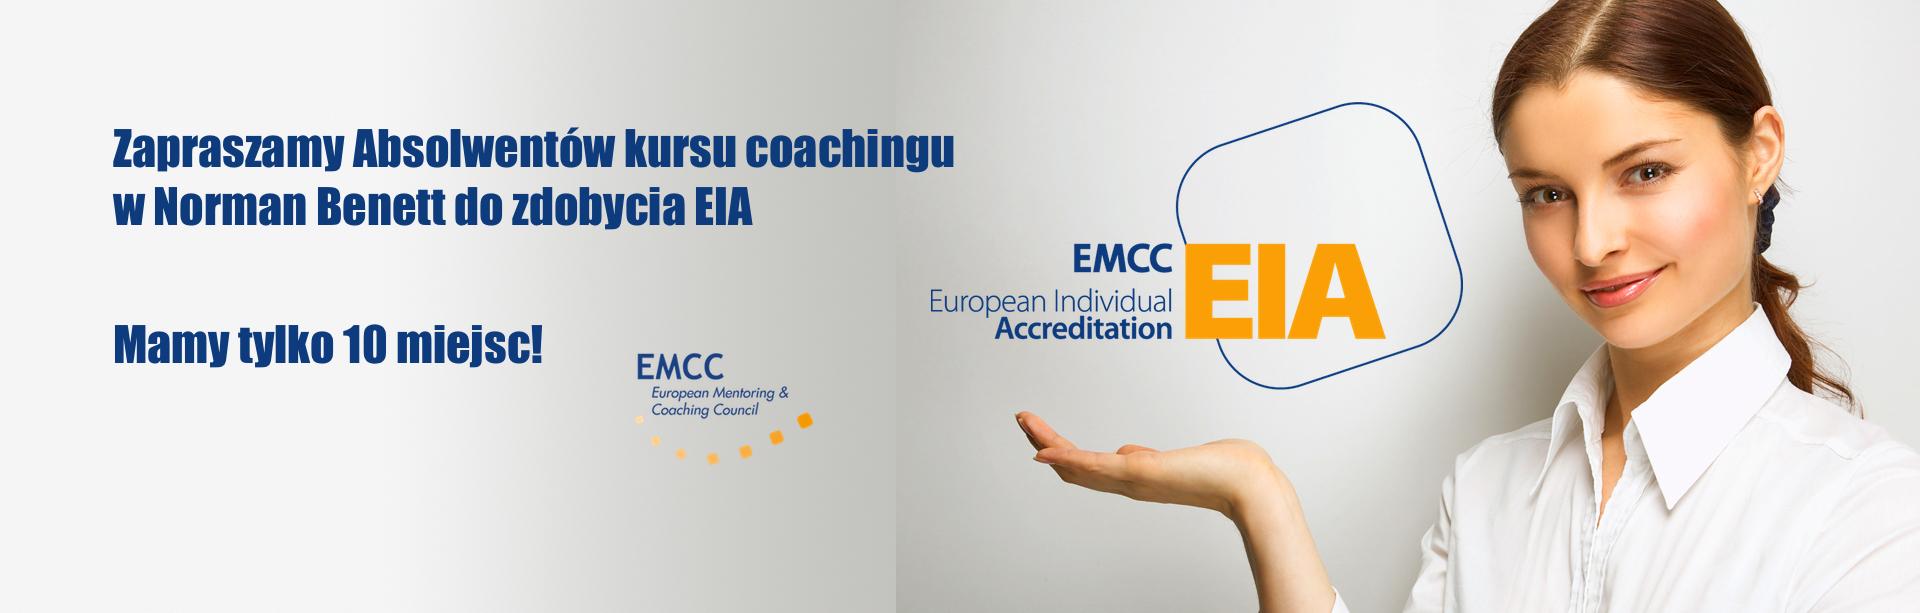 akredytacja-indywidualna-EIA-EMCC